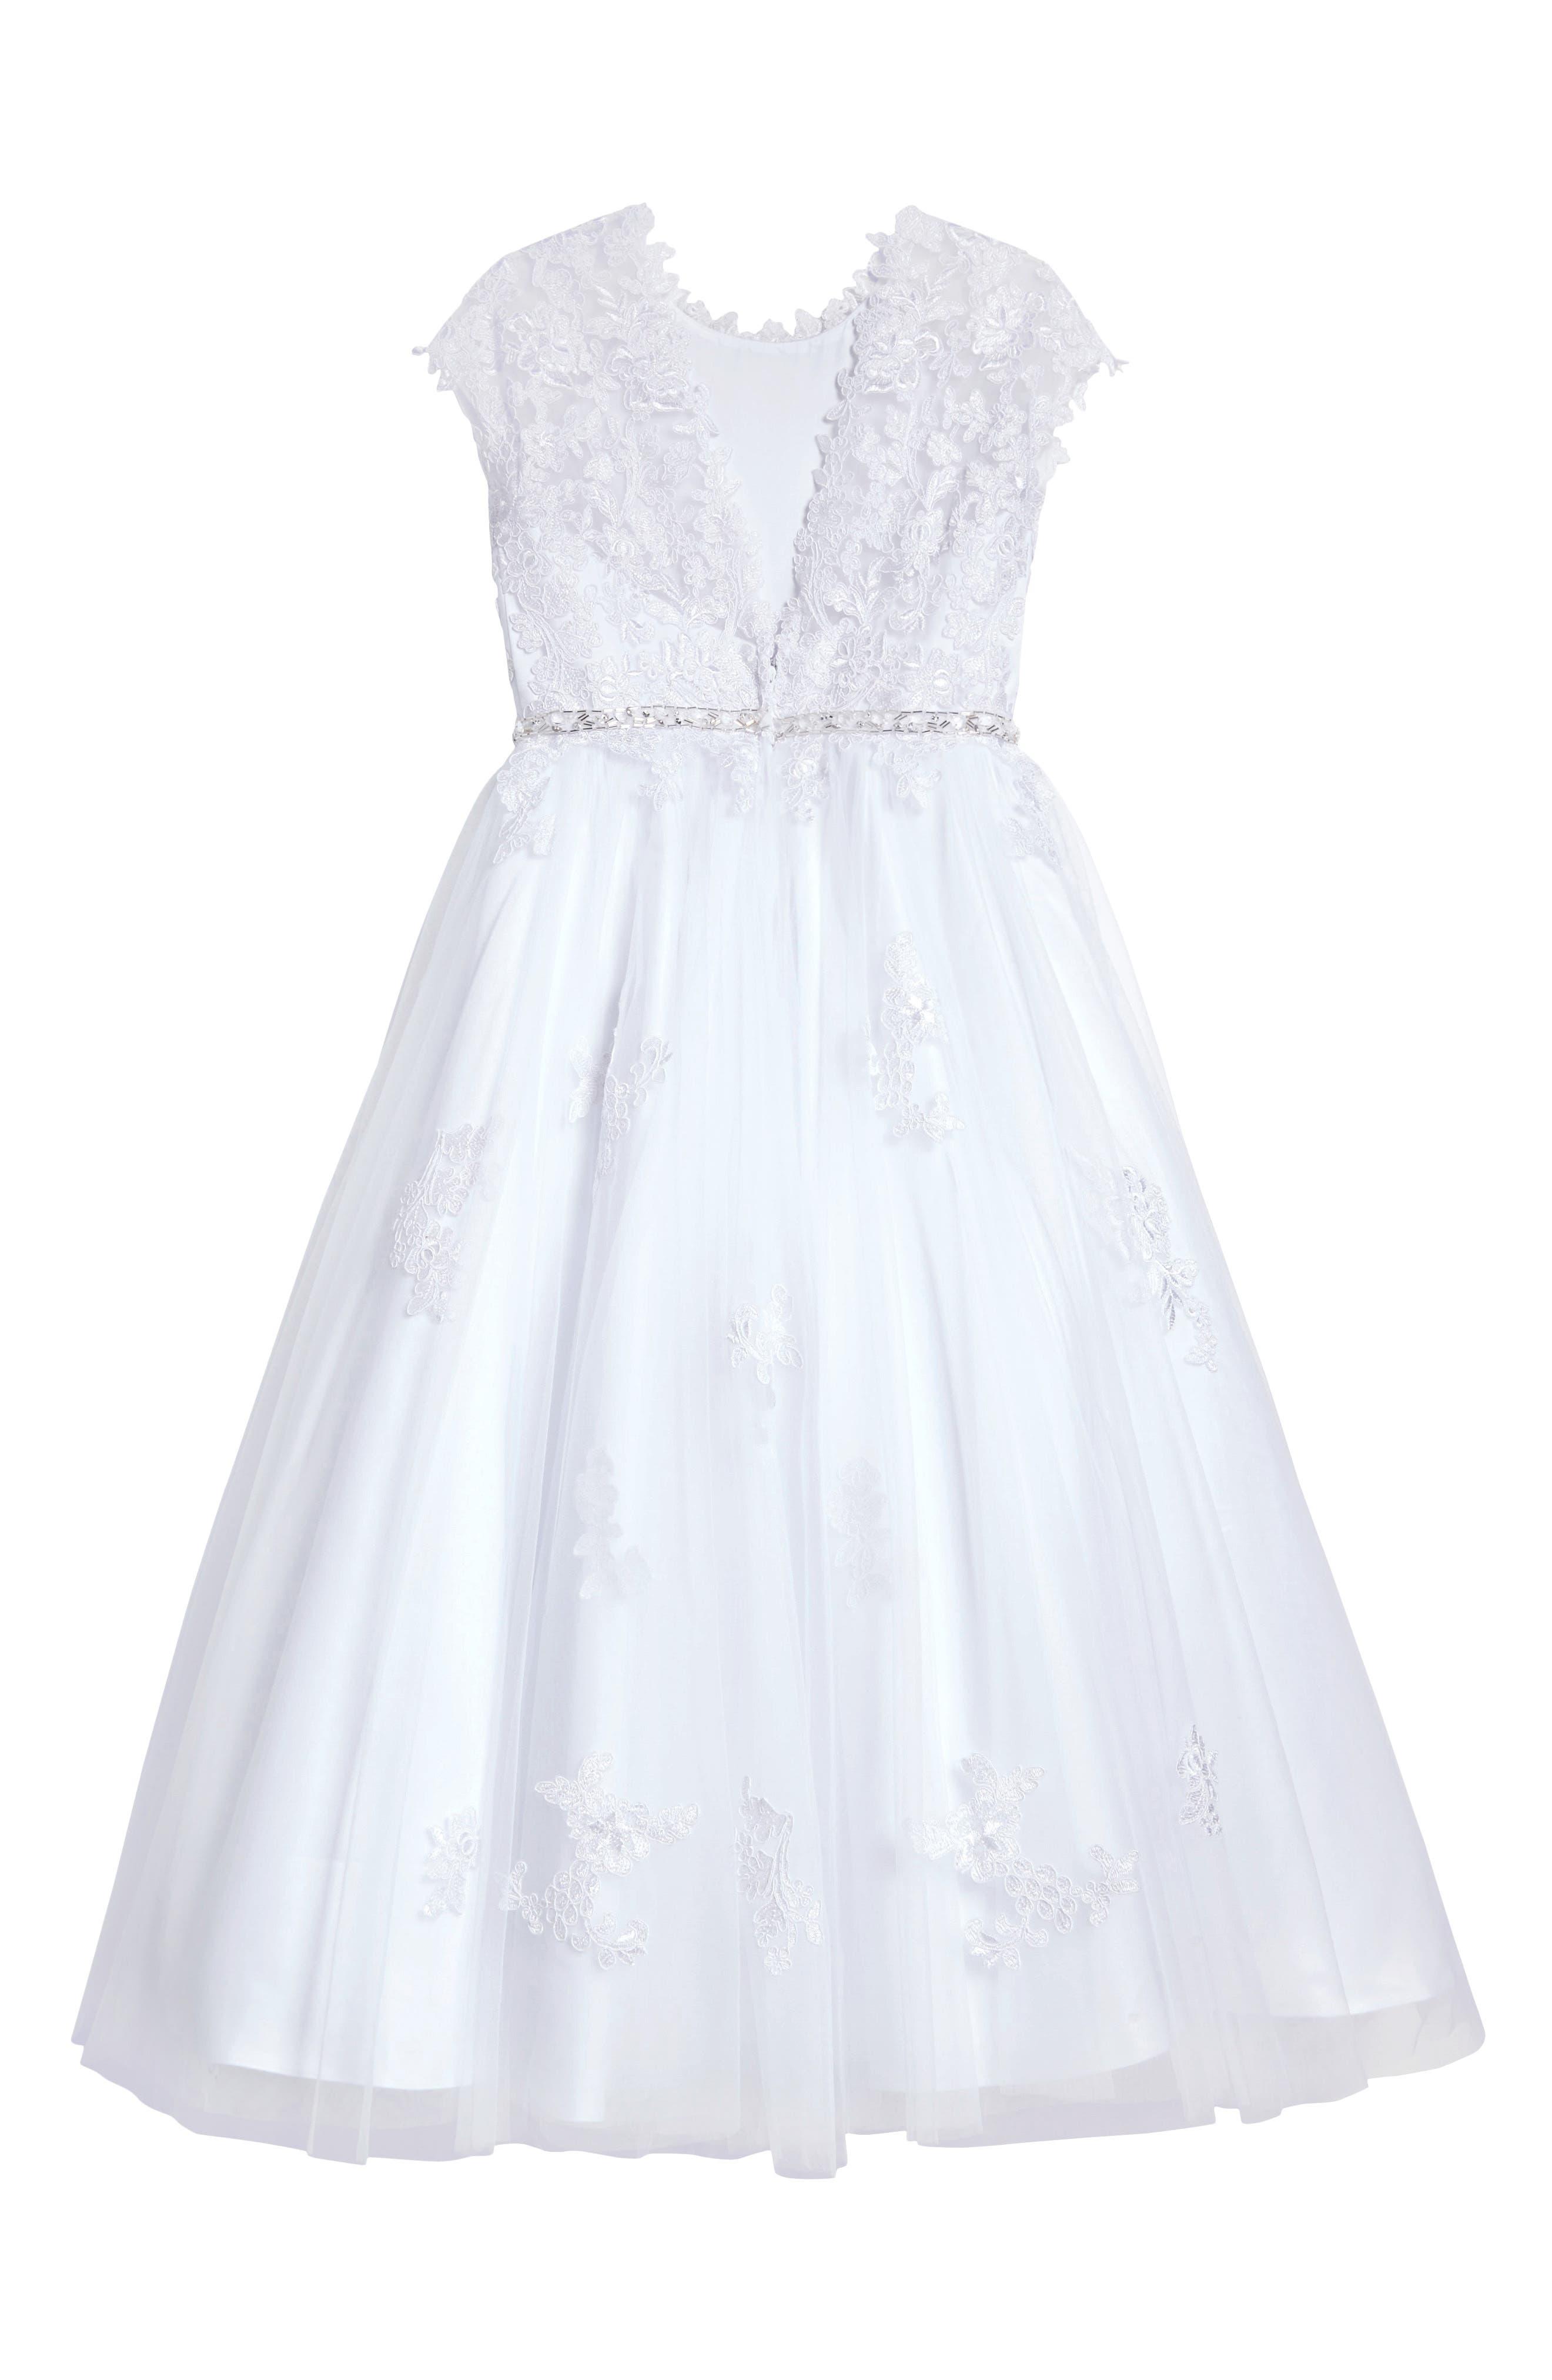 Lace Appliqué Tulle First Communion Dress,                             Alternate thumbnail 2, color,